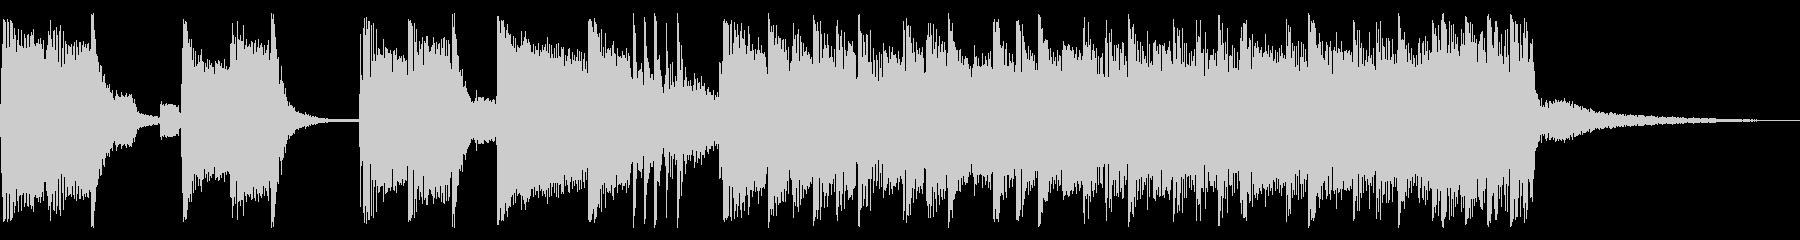 パンキッシュなロックジングル02の未再生の波形